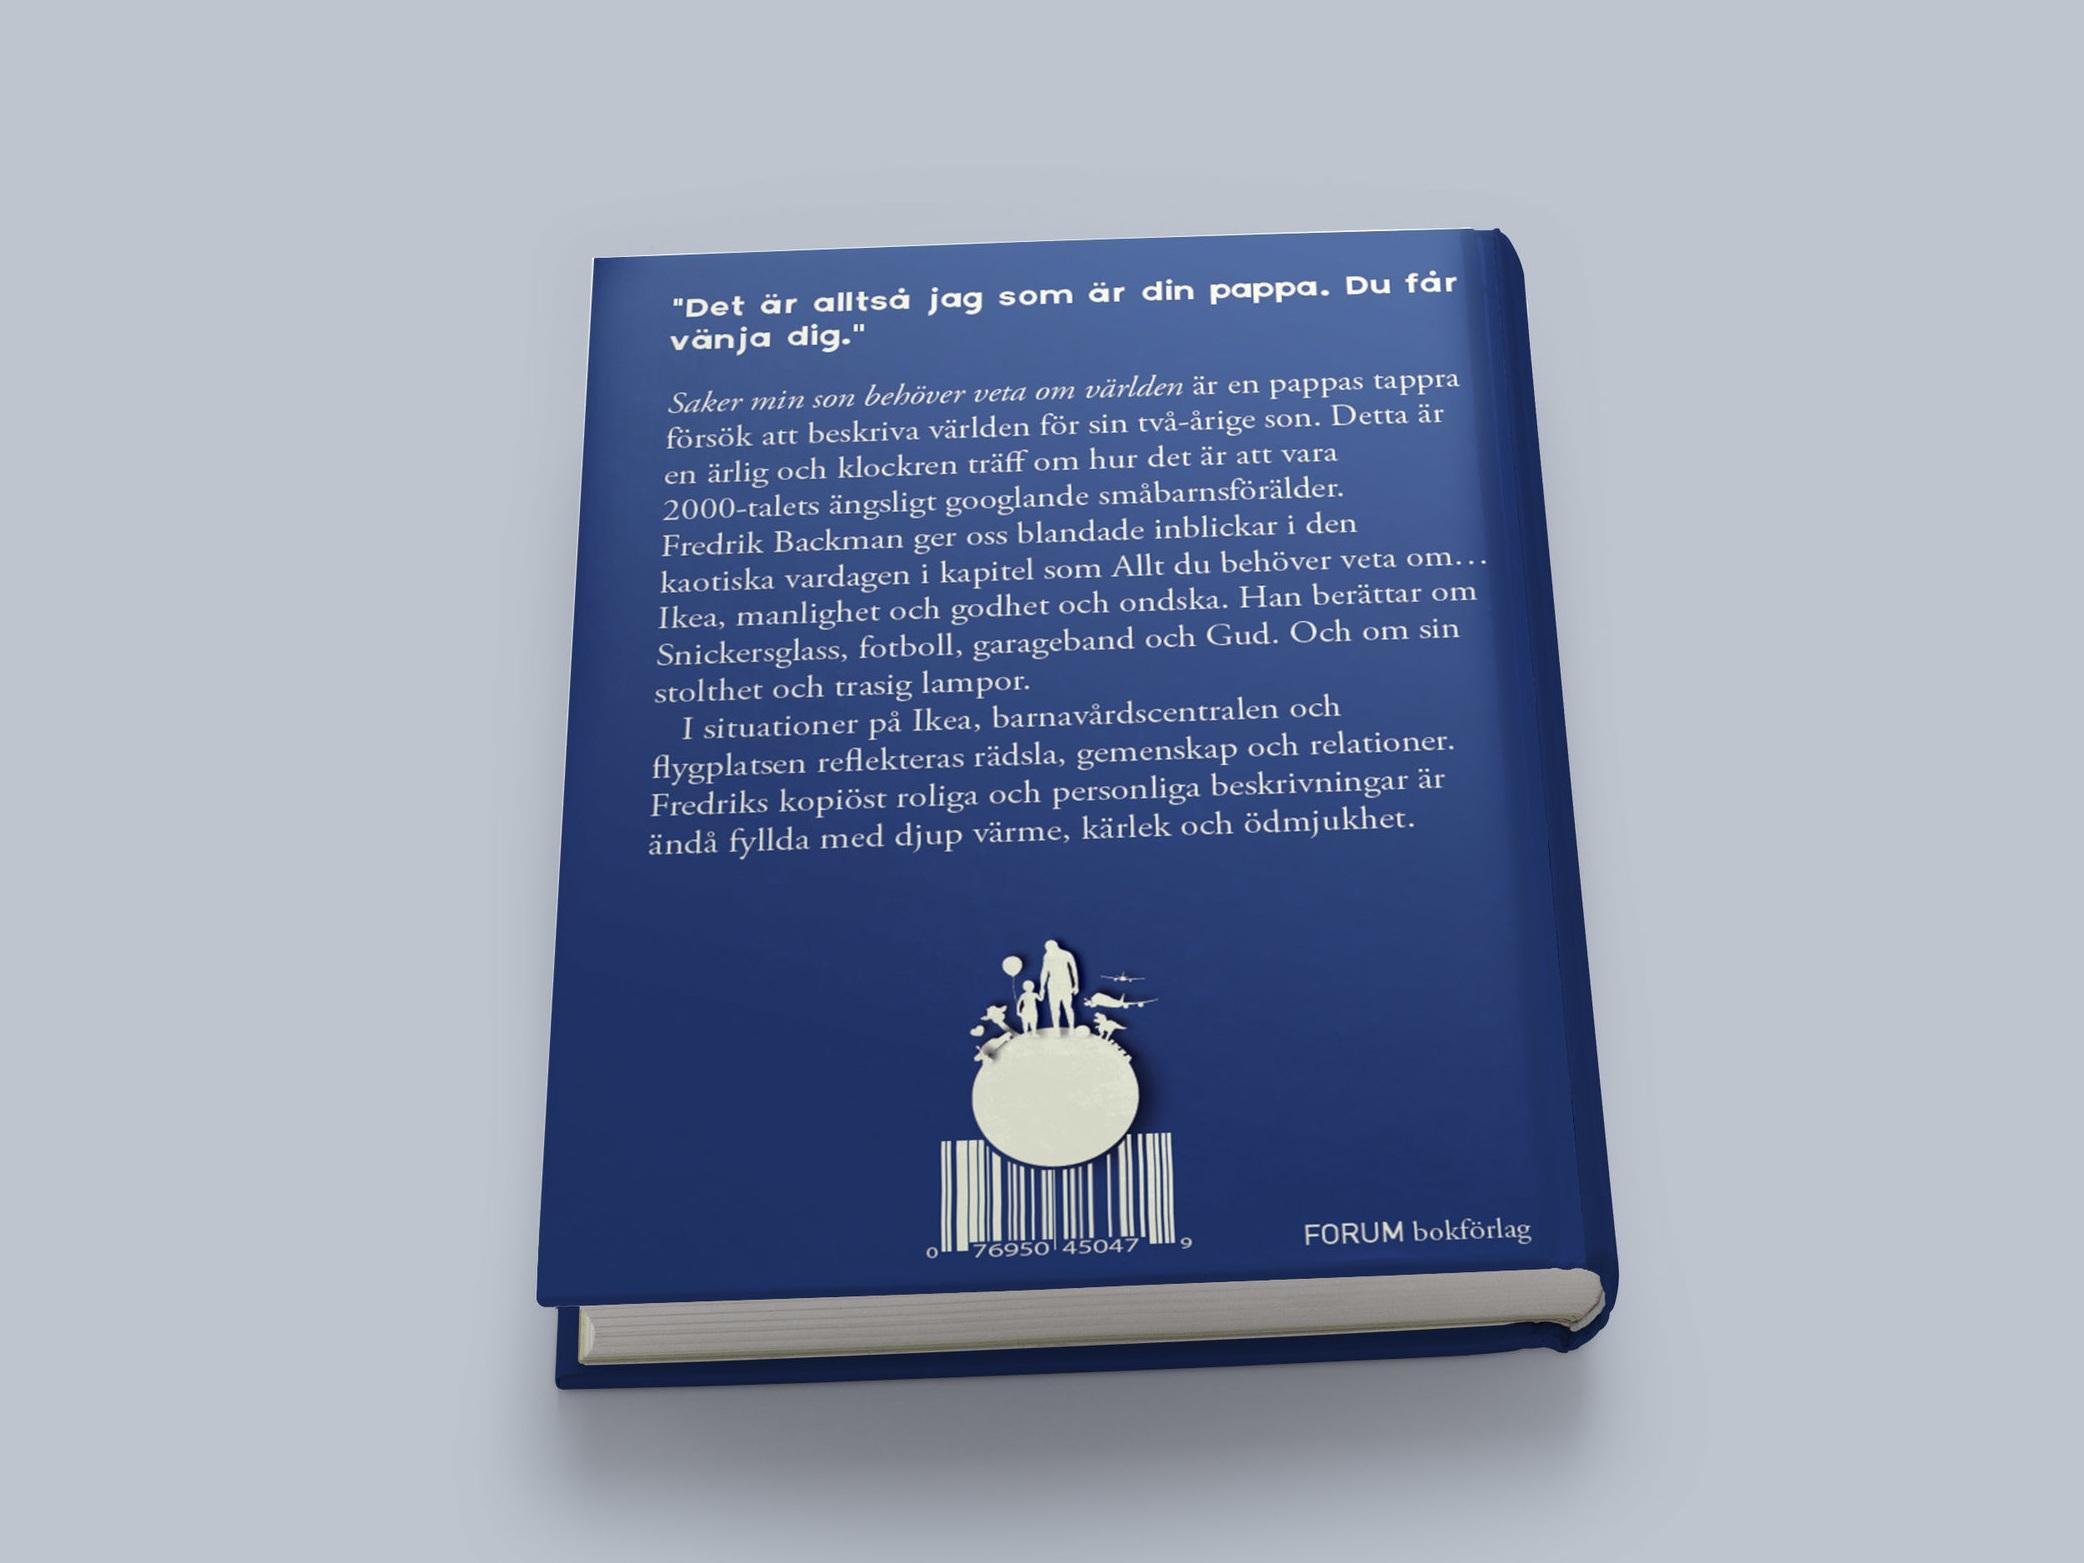 bokomslag+bak-+blue.jpg